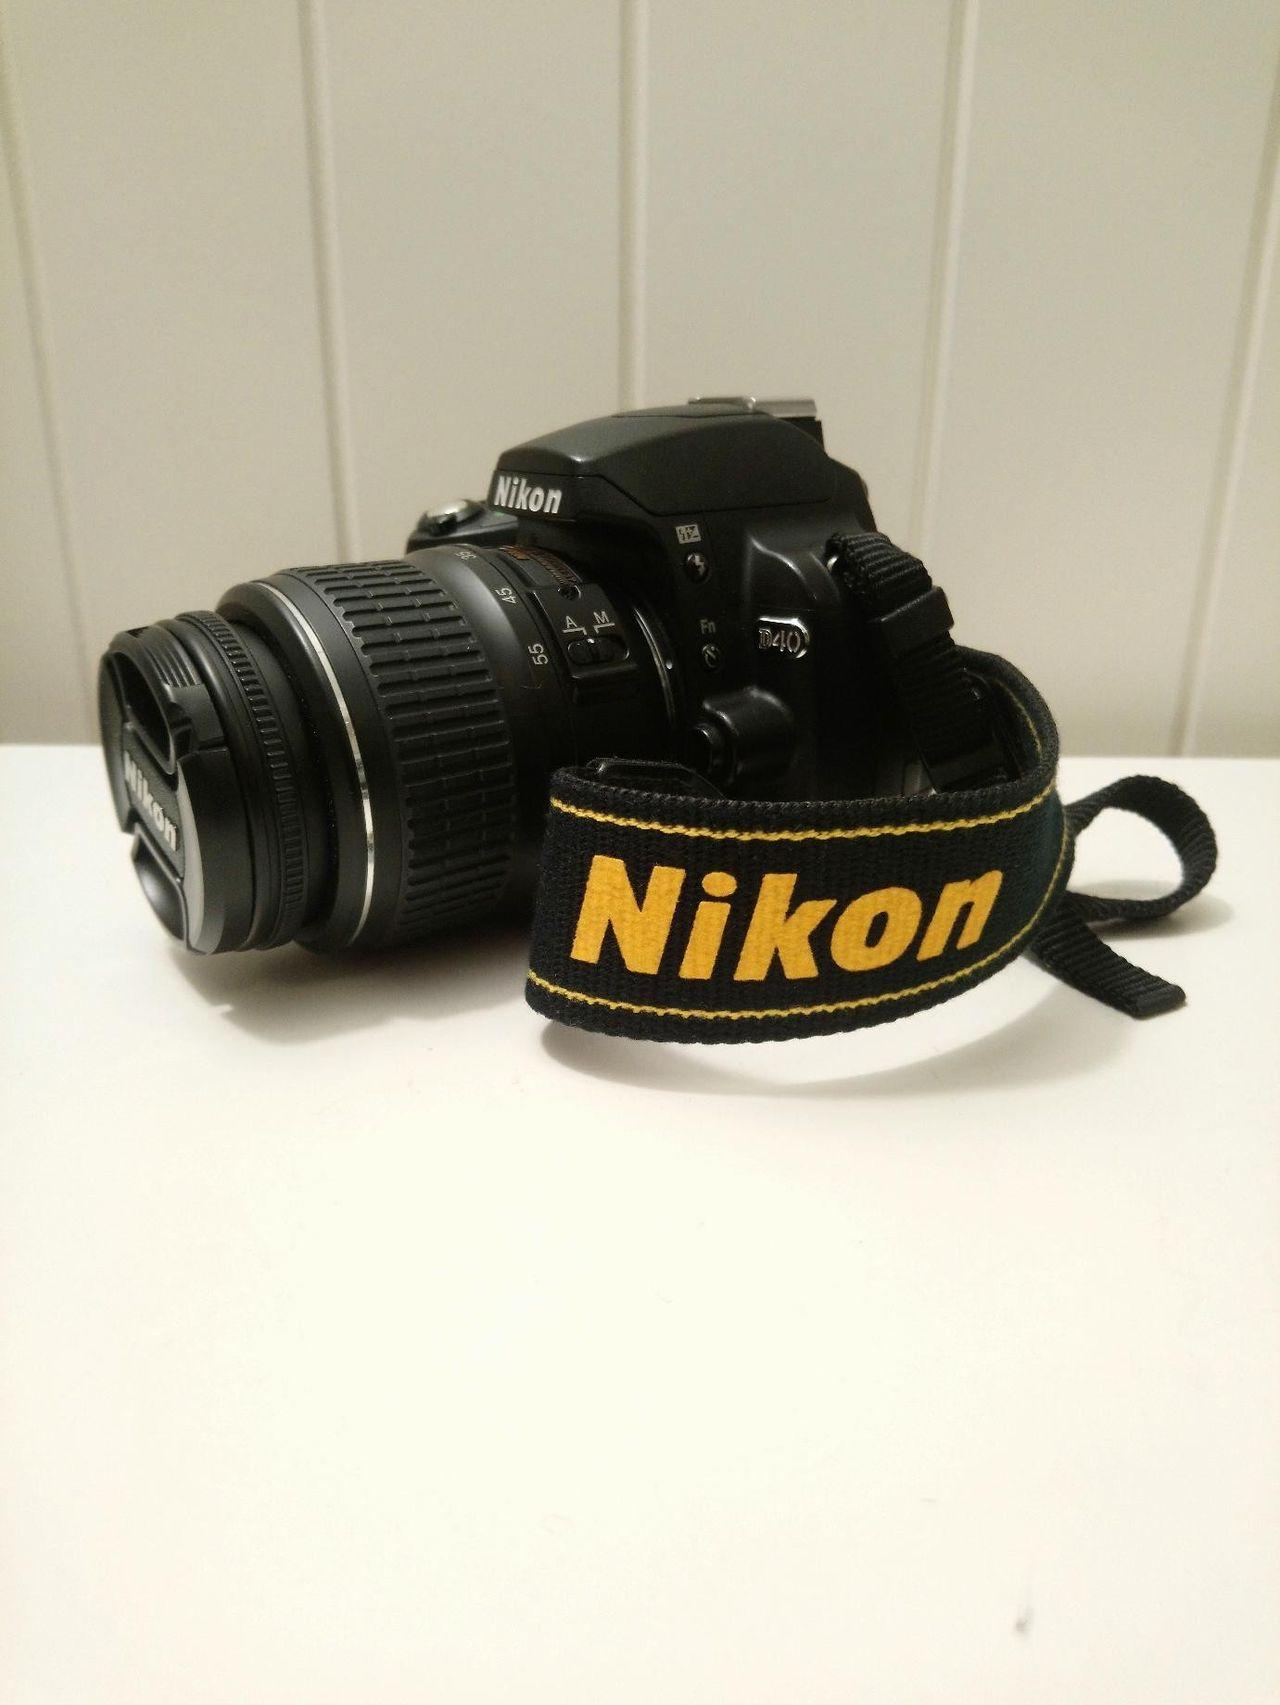 Nikkor 18 55mm af Kjøpe, selge og utveksle annonser de